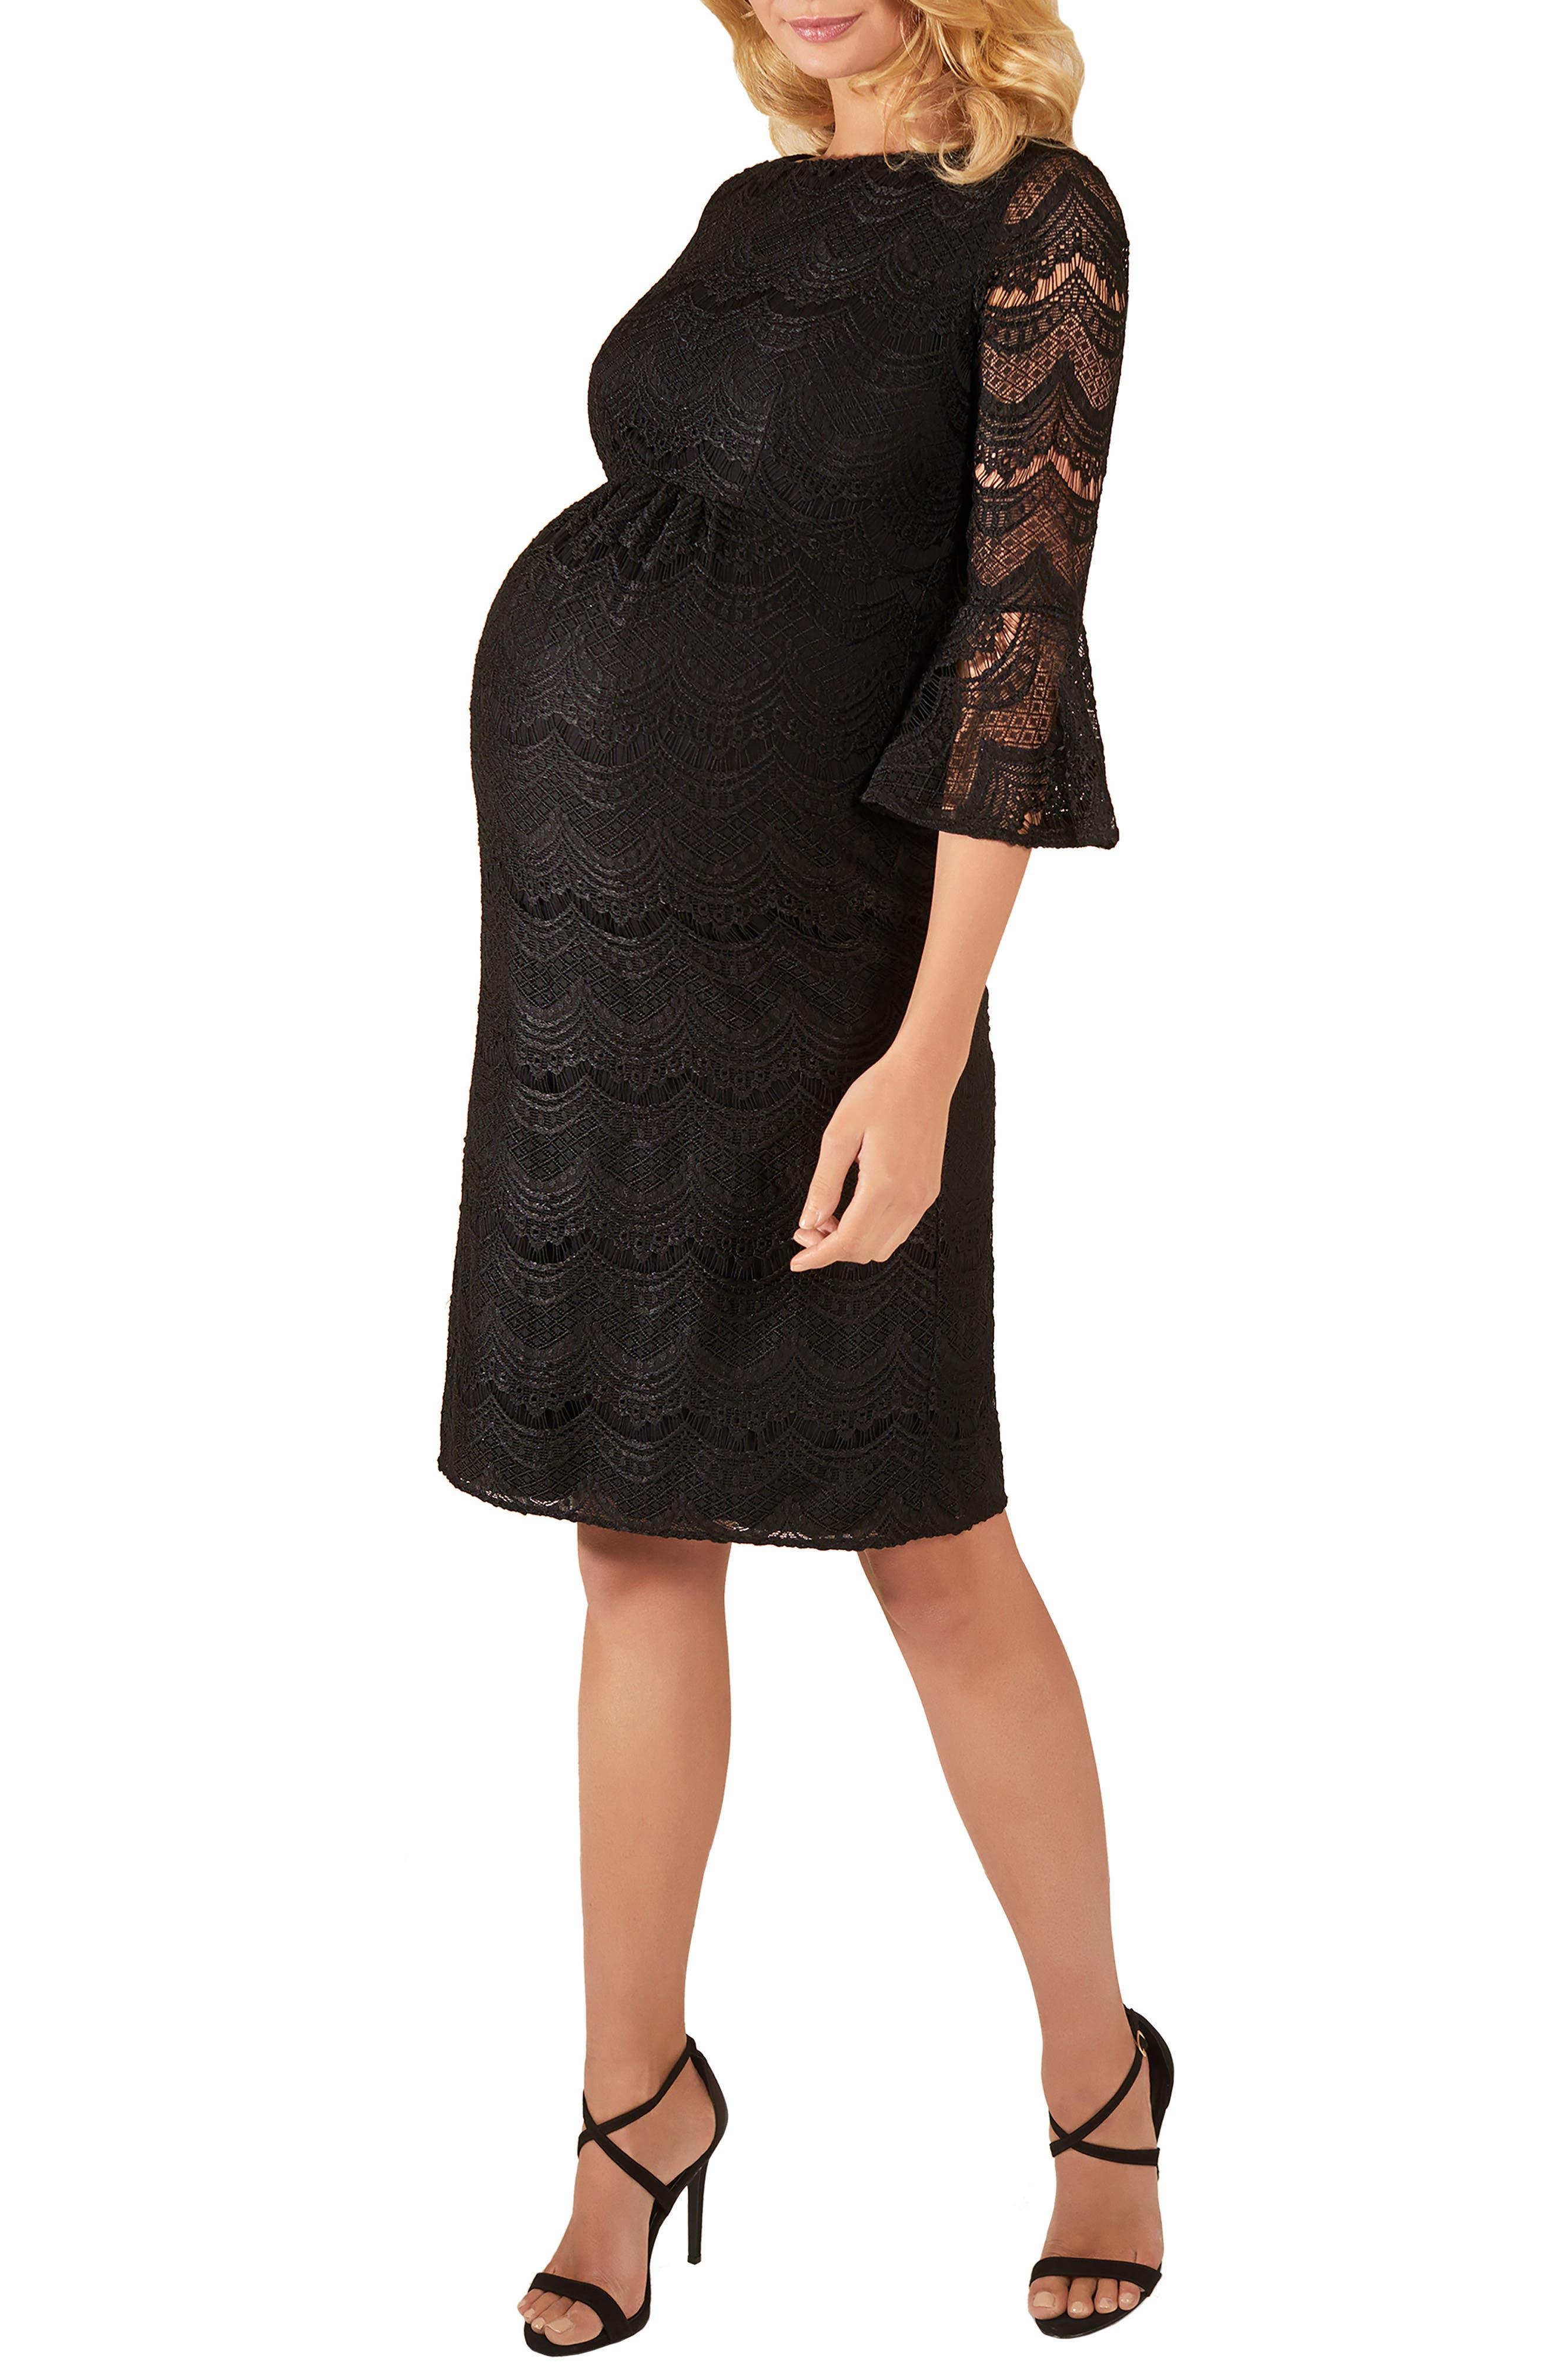 TIFFANY ROSE,                             Jane Lace Maternity Dress,                             Alternate thumbnail 3, color,                             BLACK